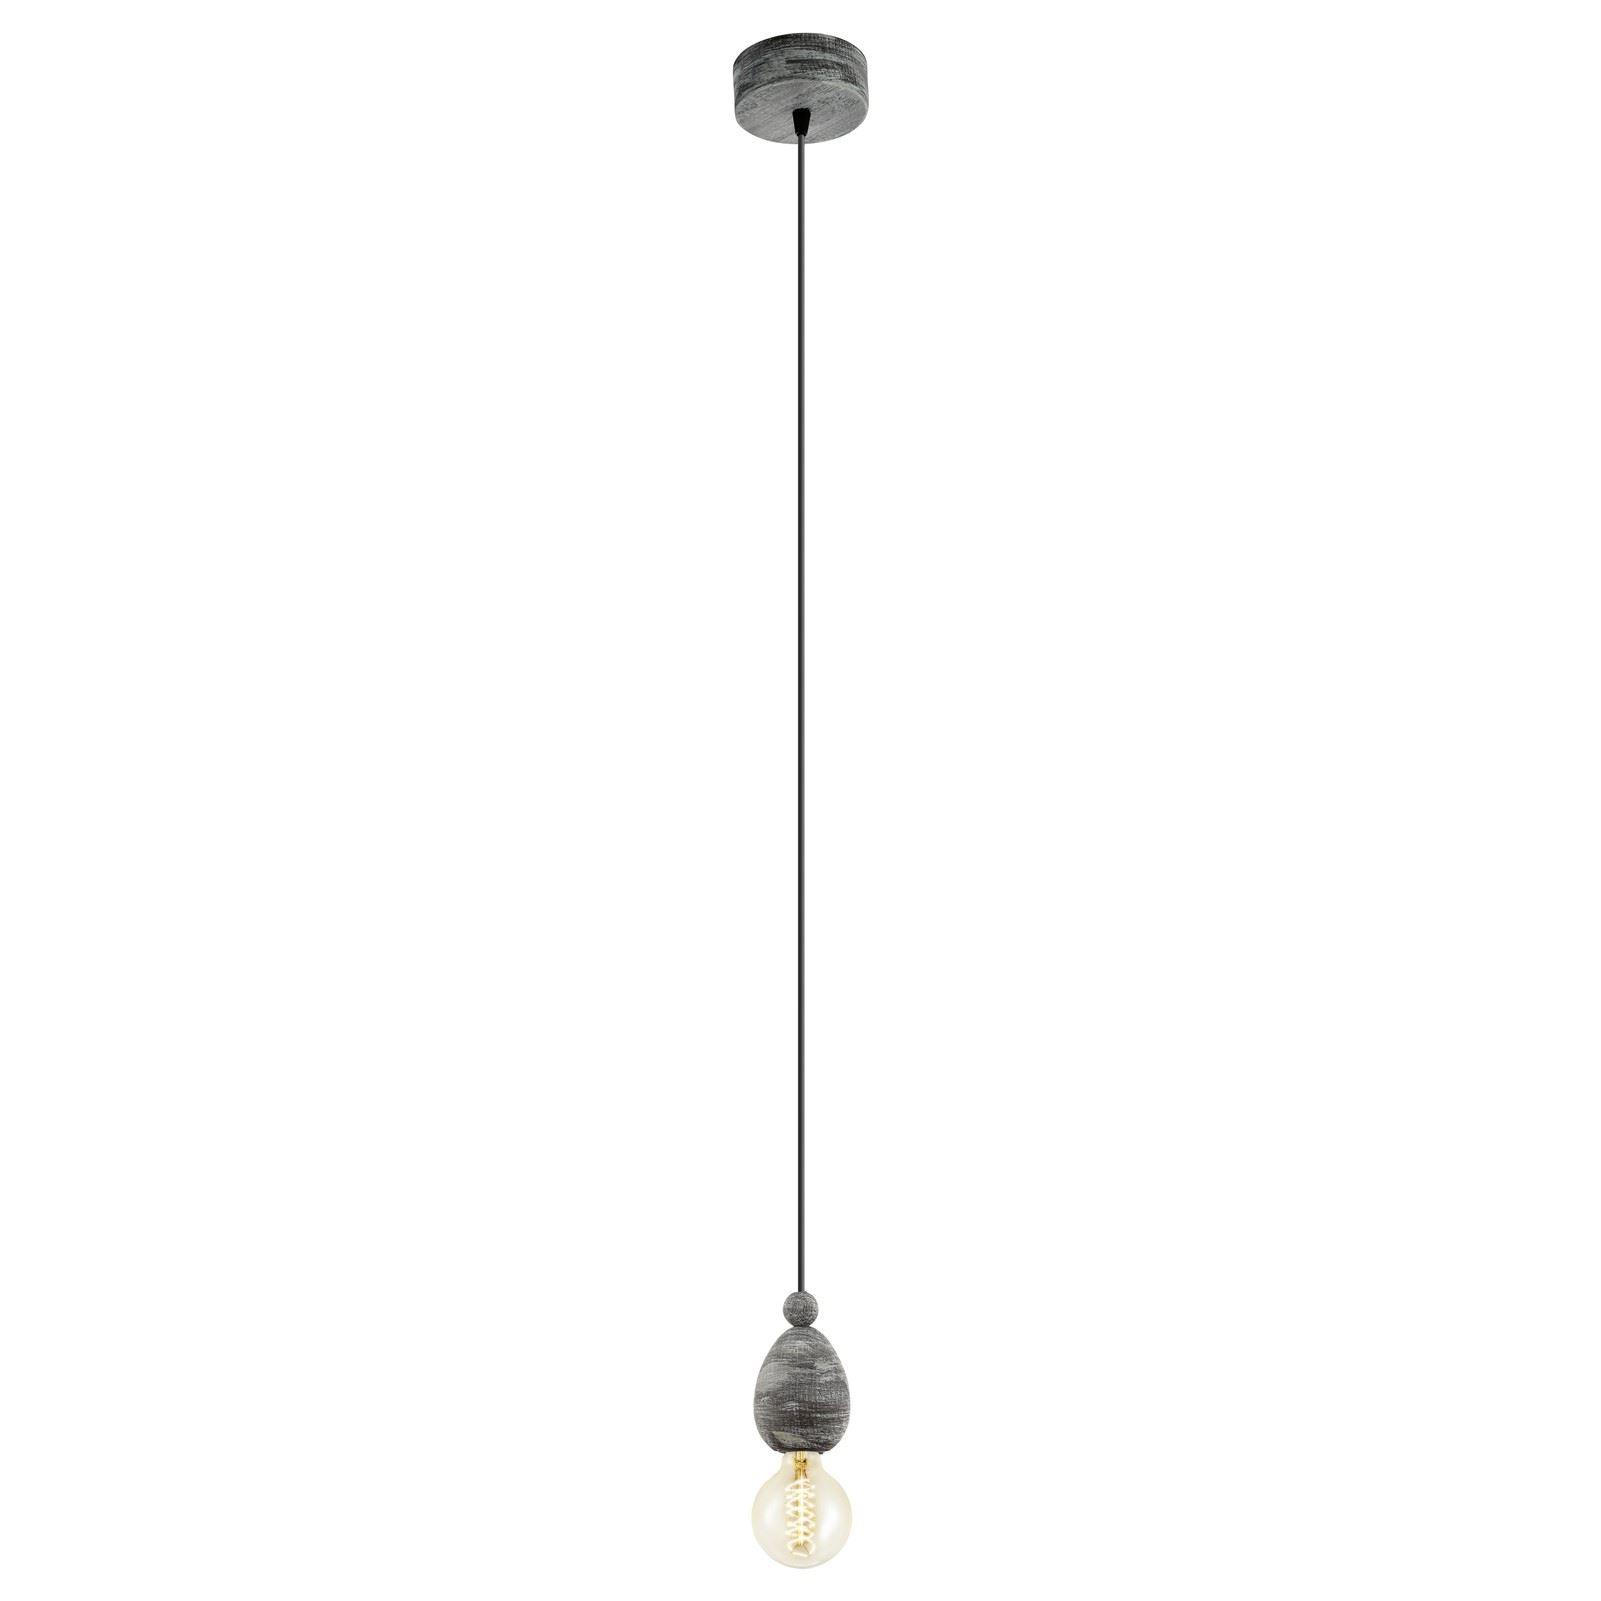 Avoltri 1 Hanging Pendant Light E27 Patina Black Finish